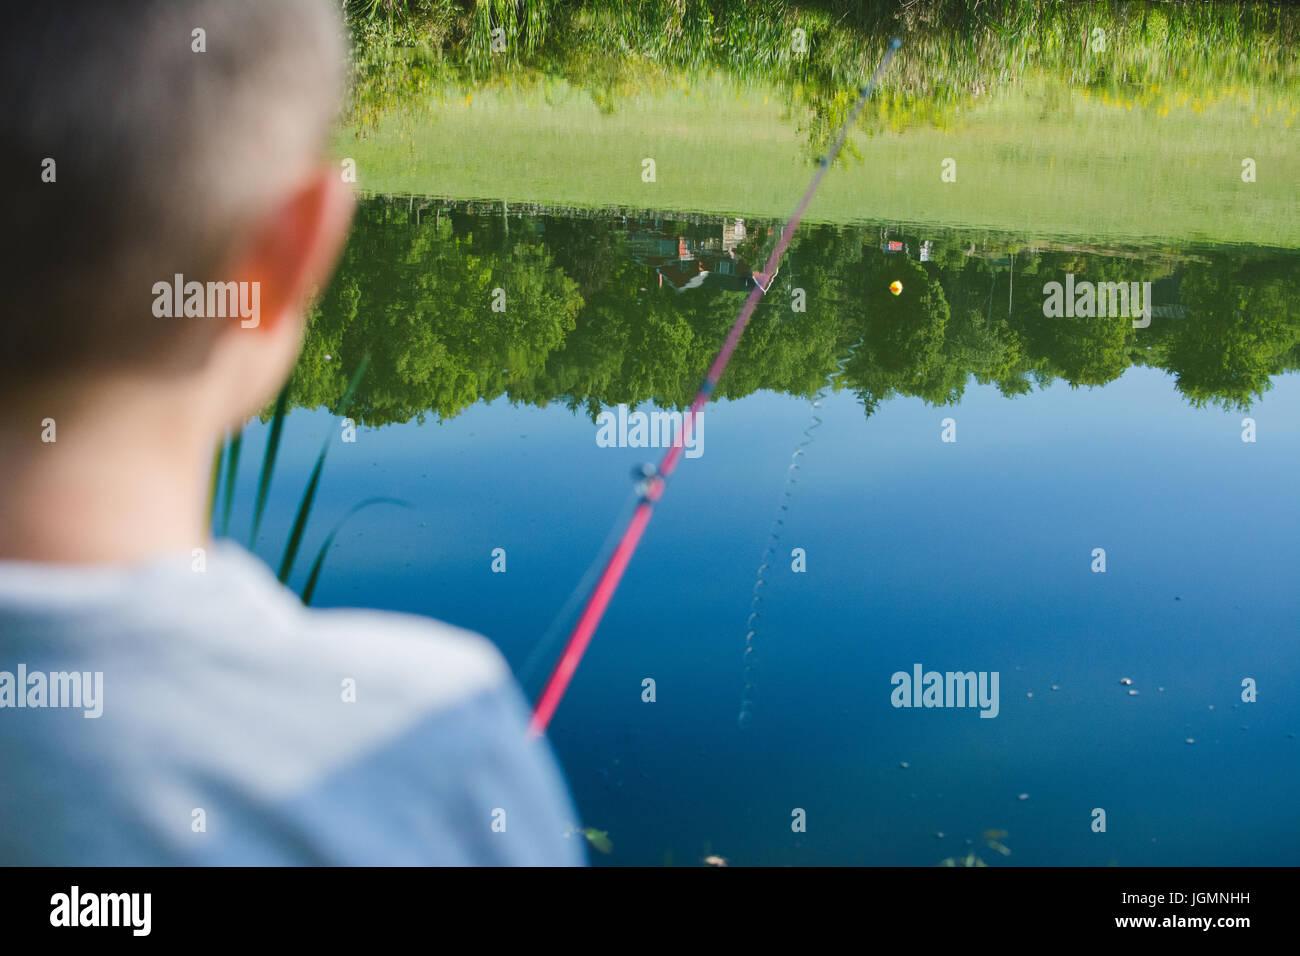 Ein Kind angeln an einem Teich in einer ländlichen Gegend. Stockbild